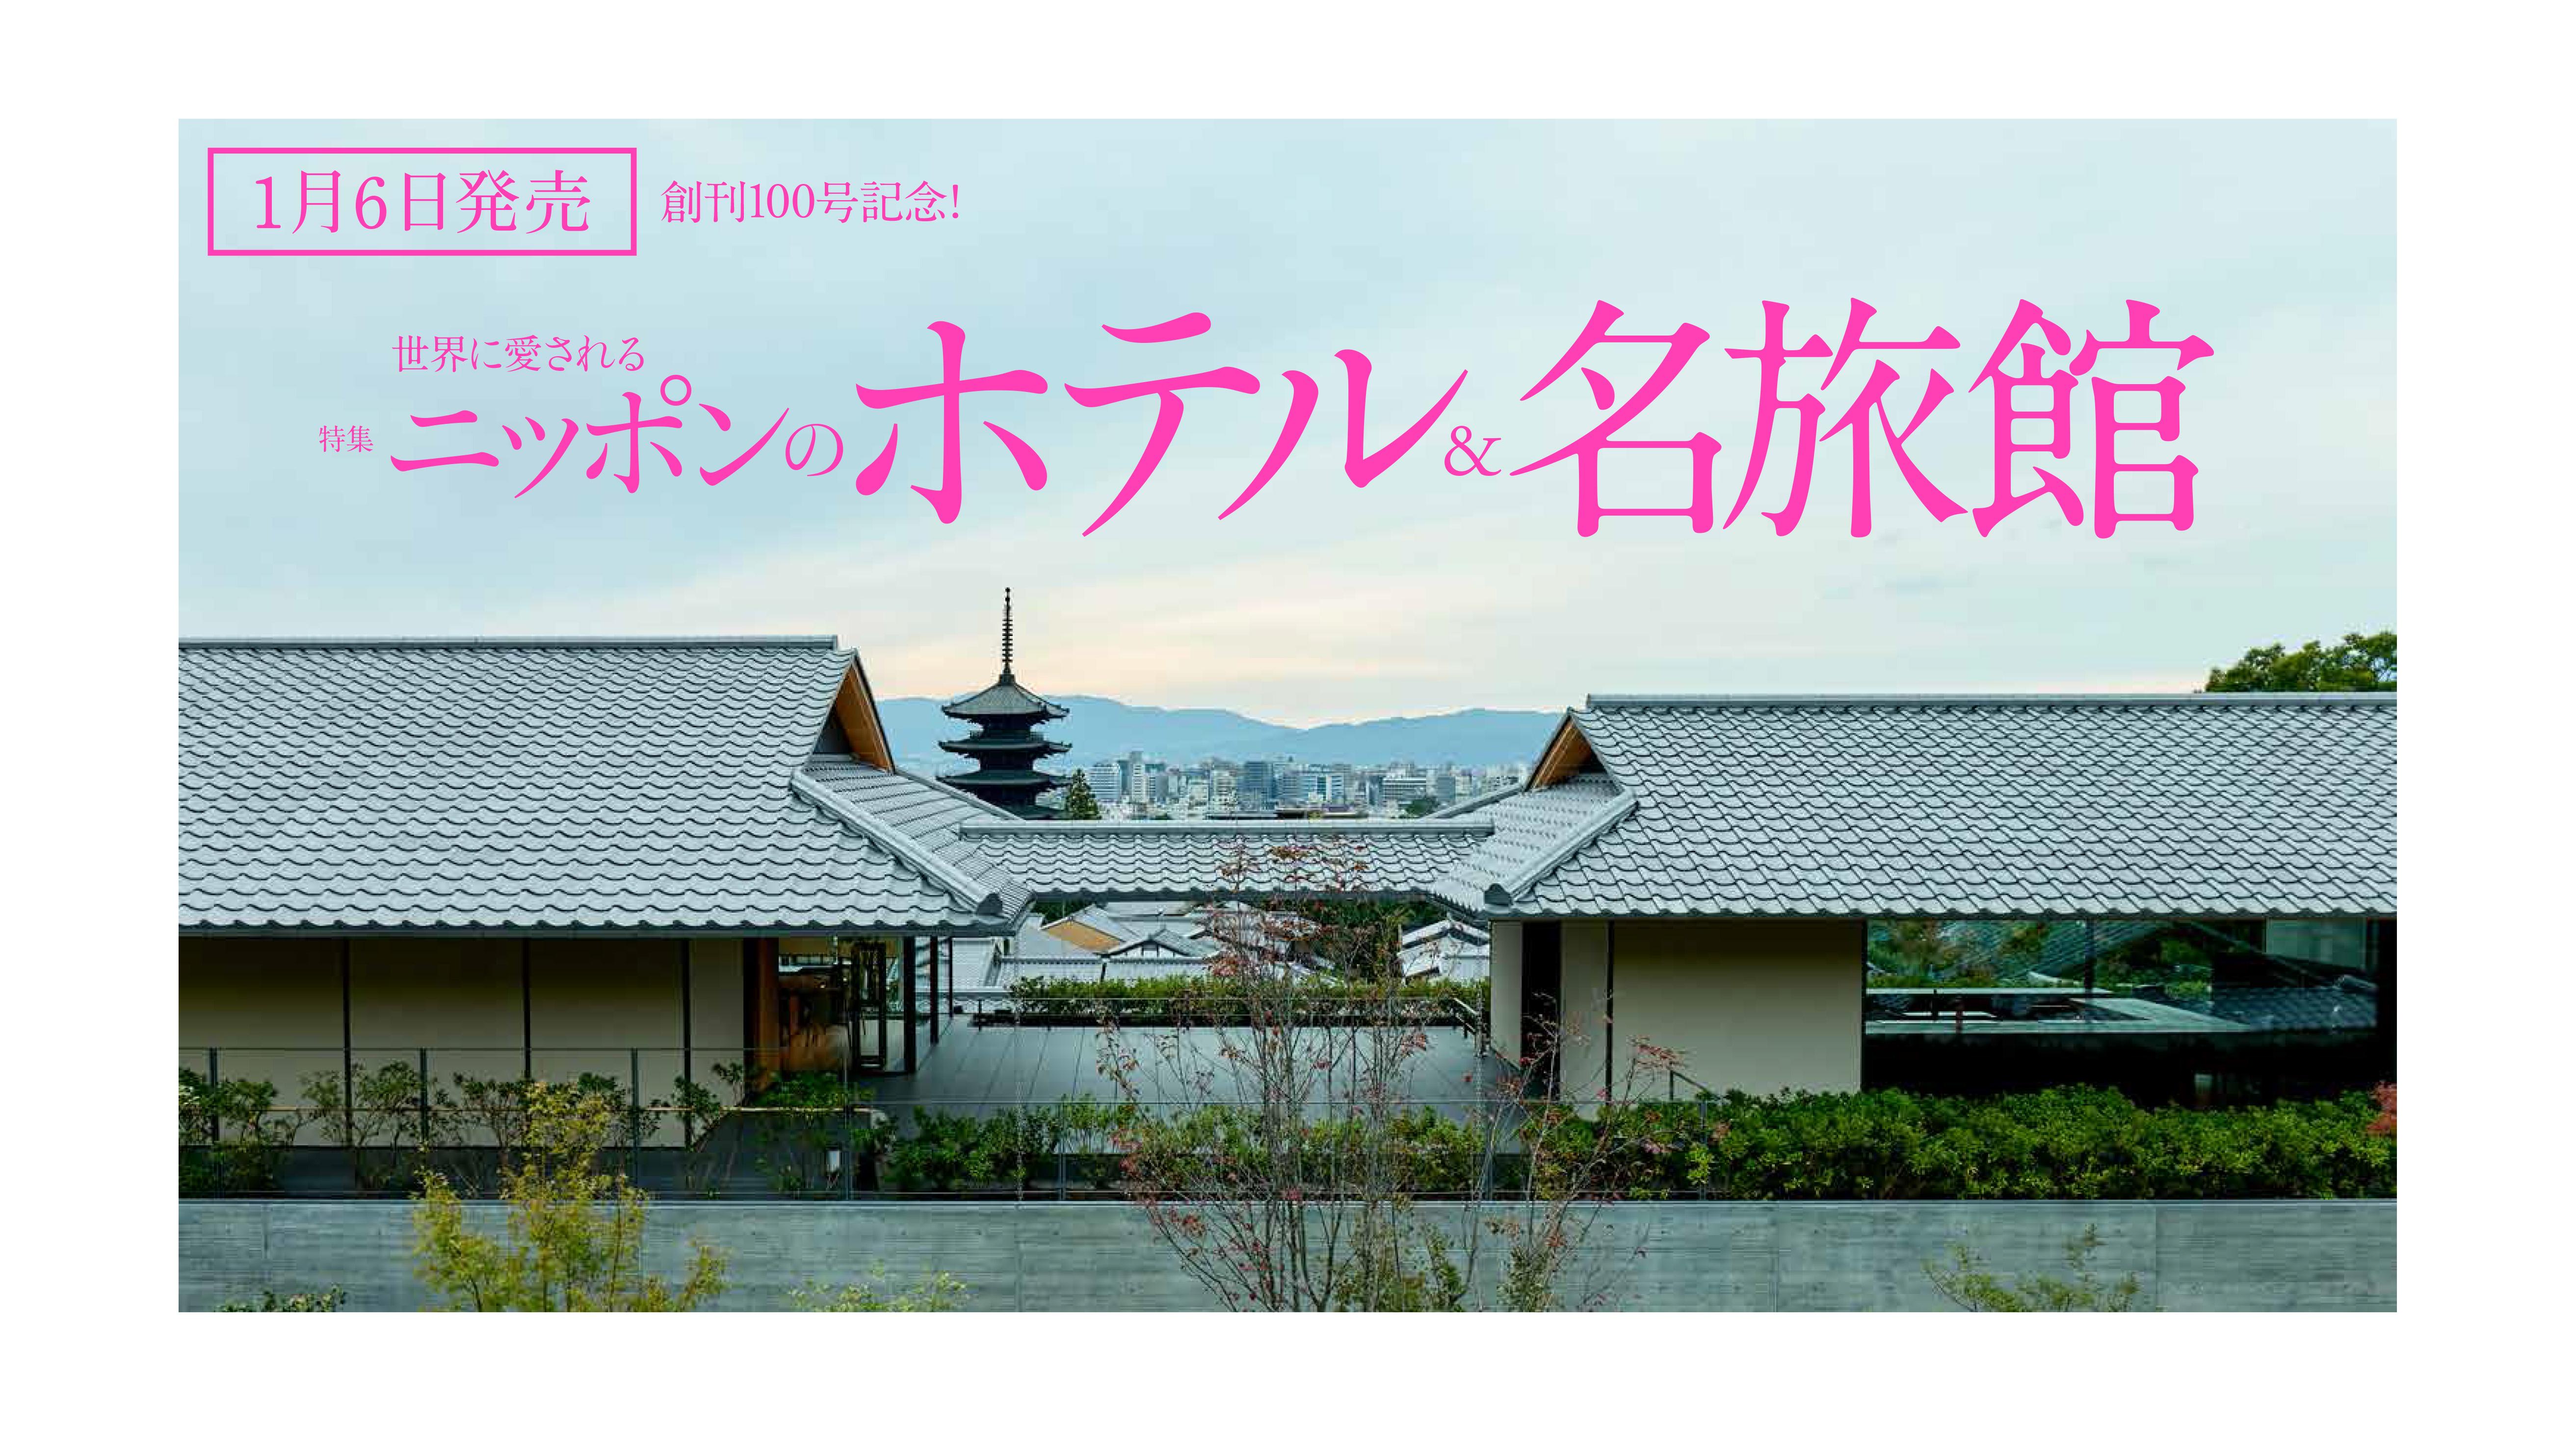 特集:世界に愛されるニッポンのホテル&名旅館<br/>【1/6発売】Discover Japan2月号